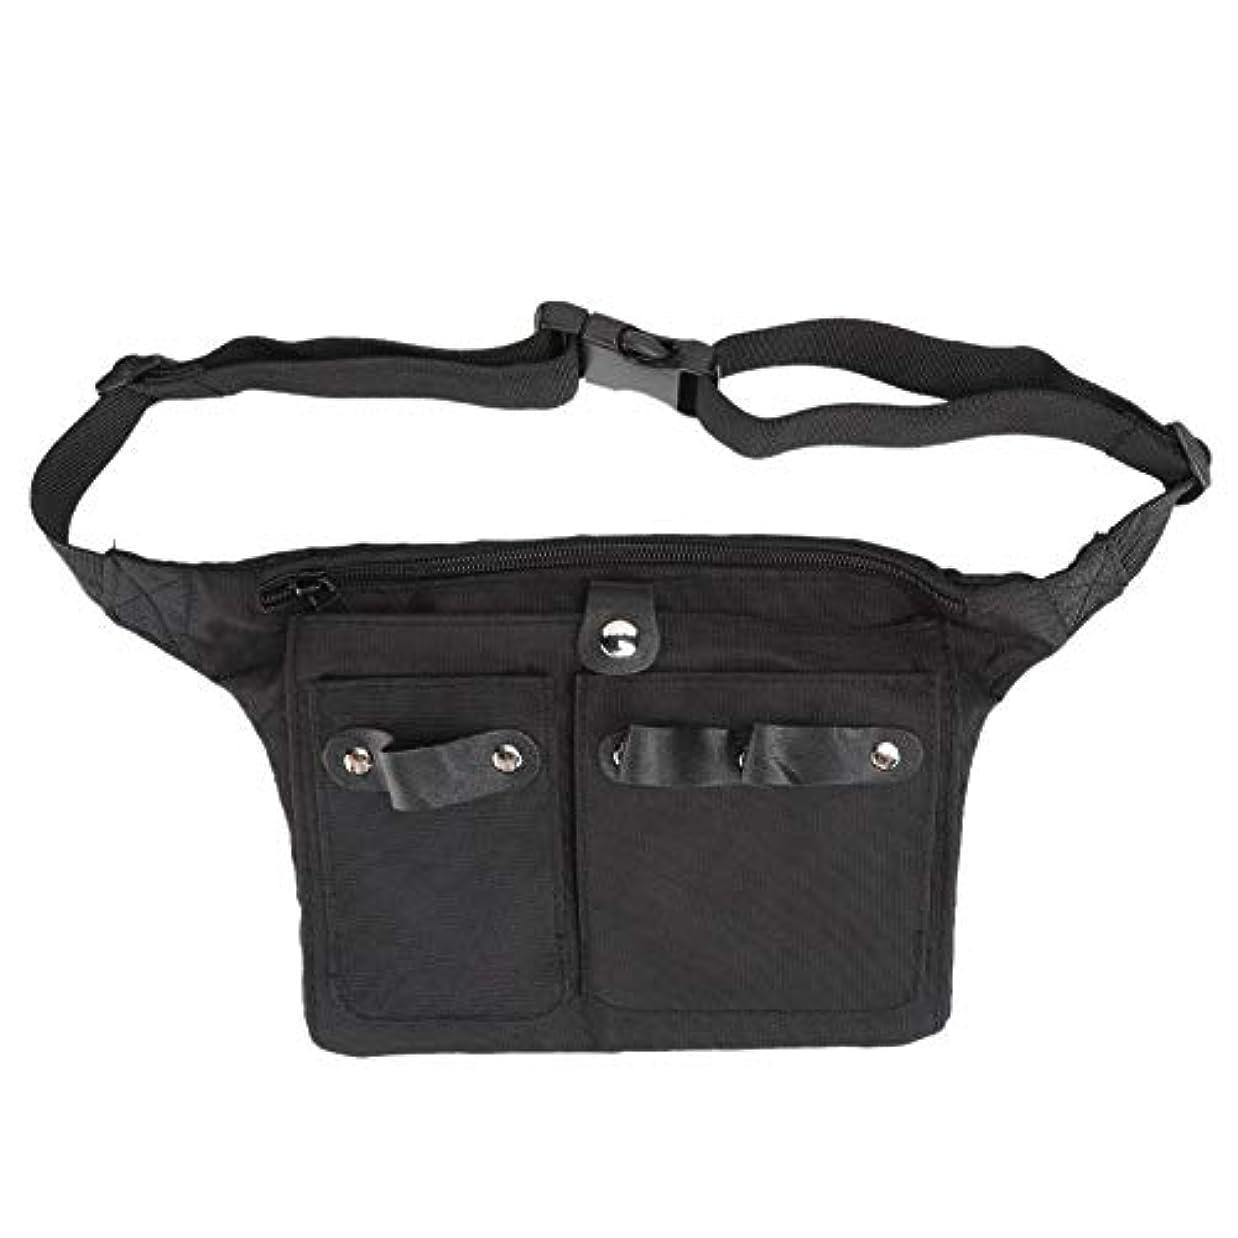 鉱石行列アラスカポータブルはさみ収納袋、多機能ポータブルはさみウエストバッグヘアクリップくし理髪ツール収納袋ブラック(黒)